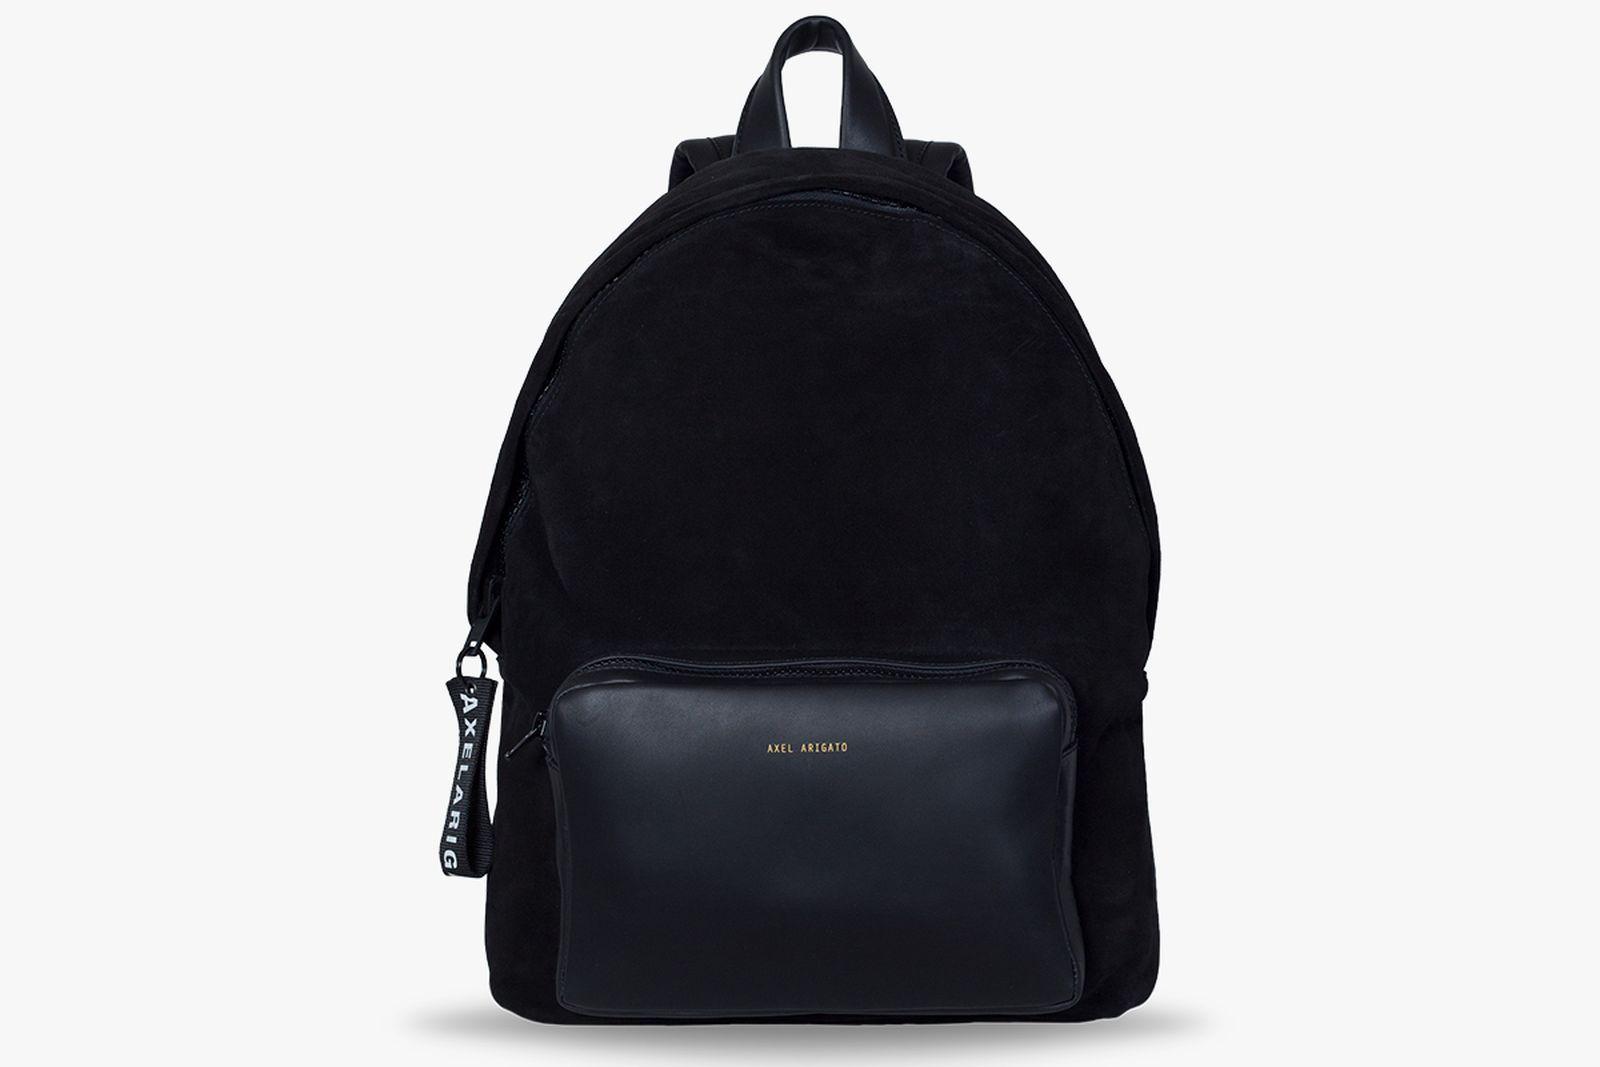 axel-arigato-bag-collection-06